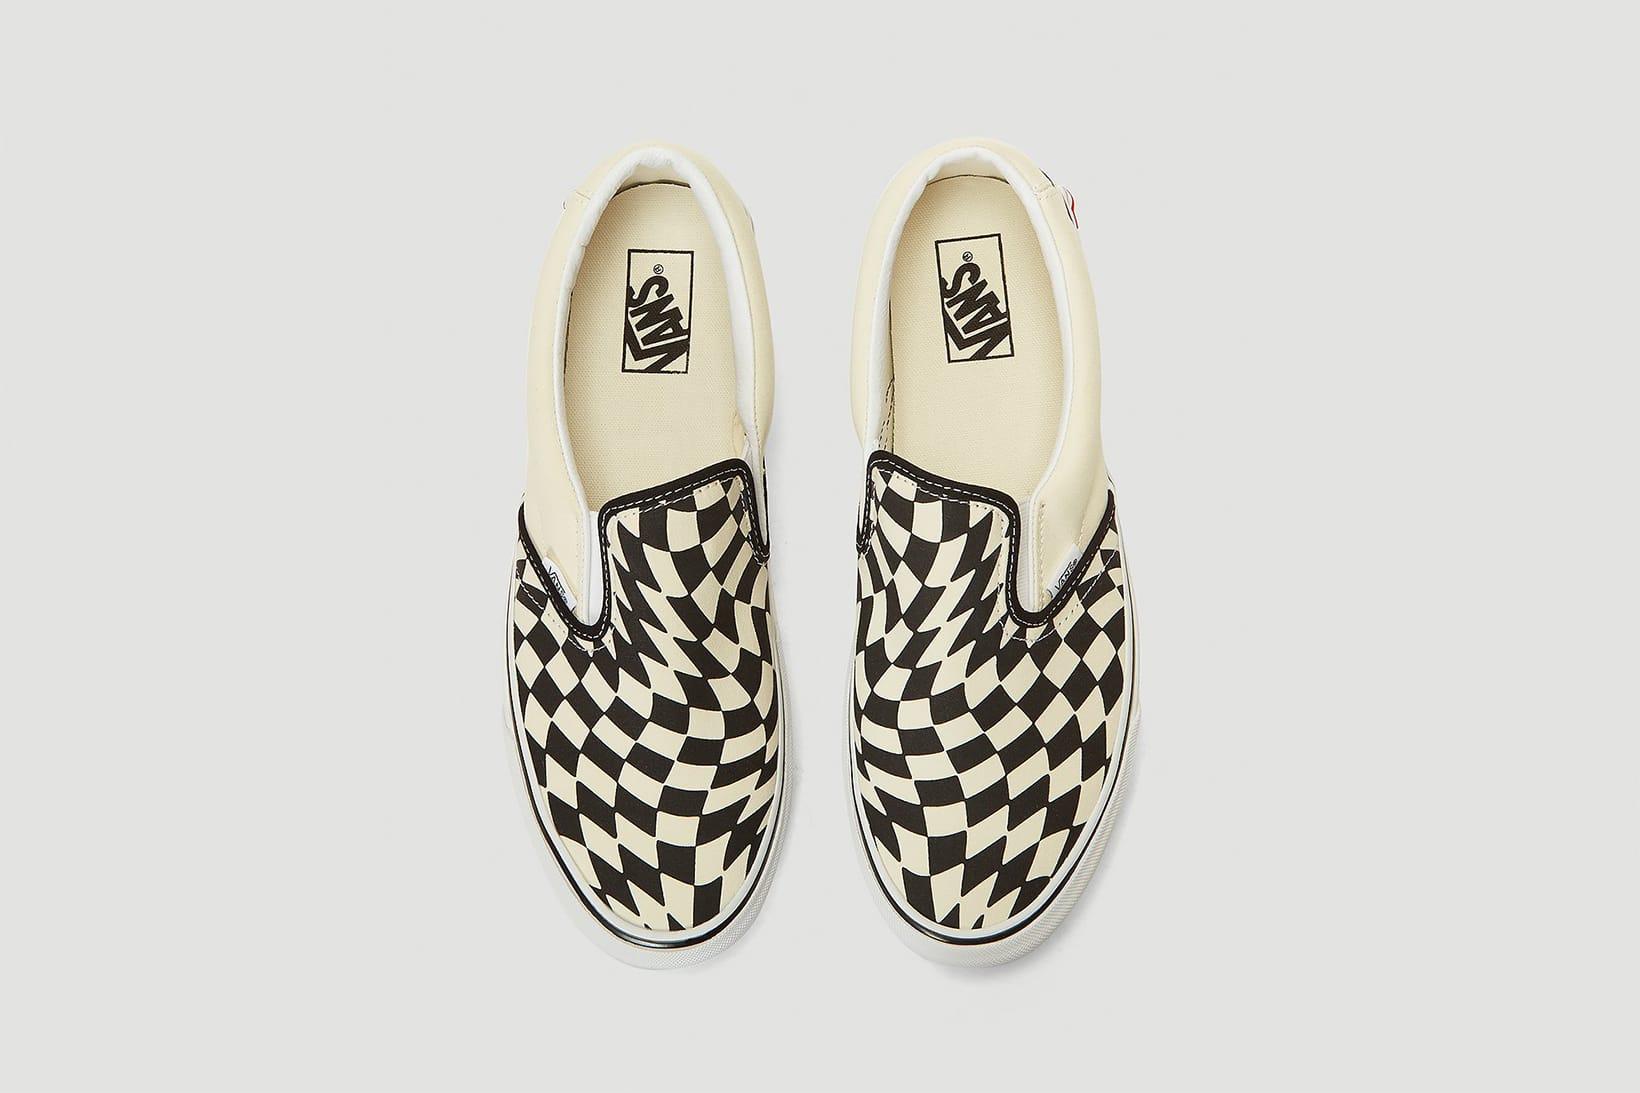 Vans Checkerboard Slip-On Twist